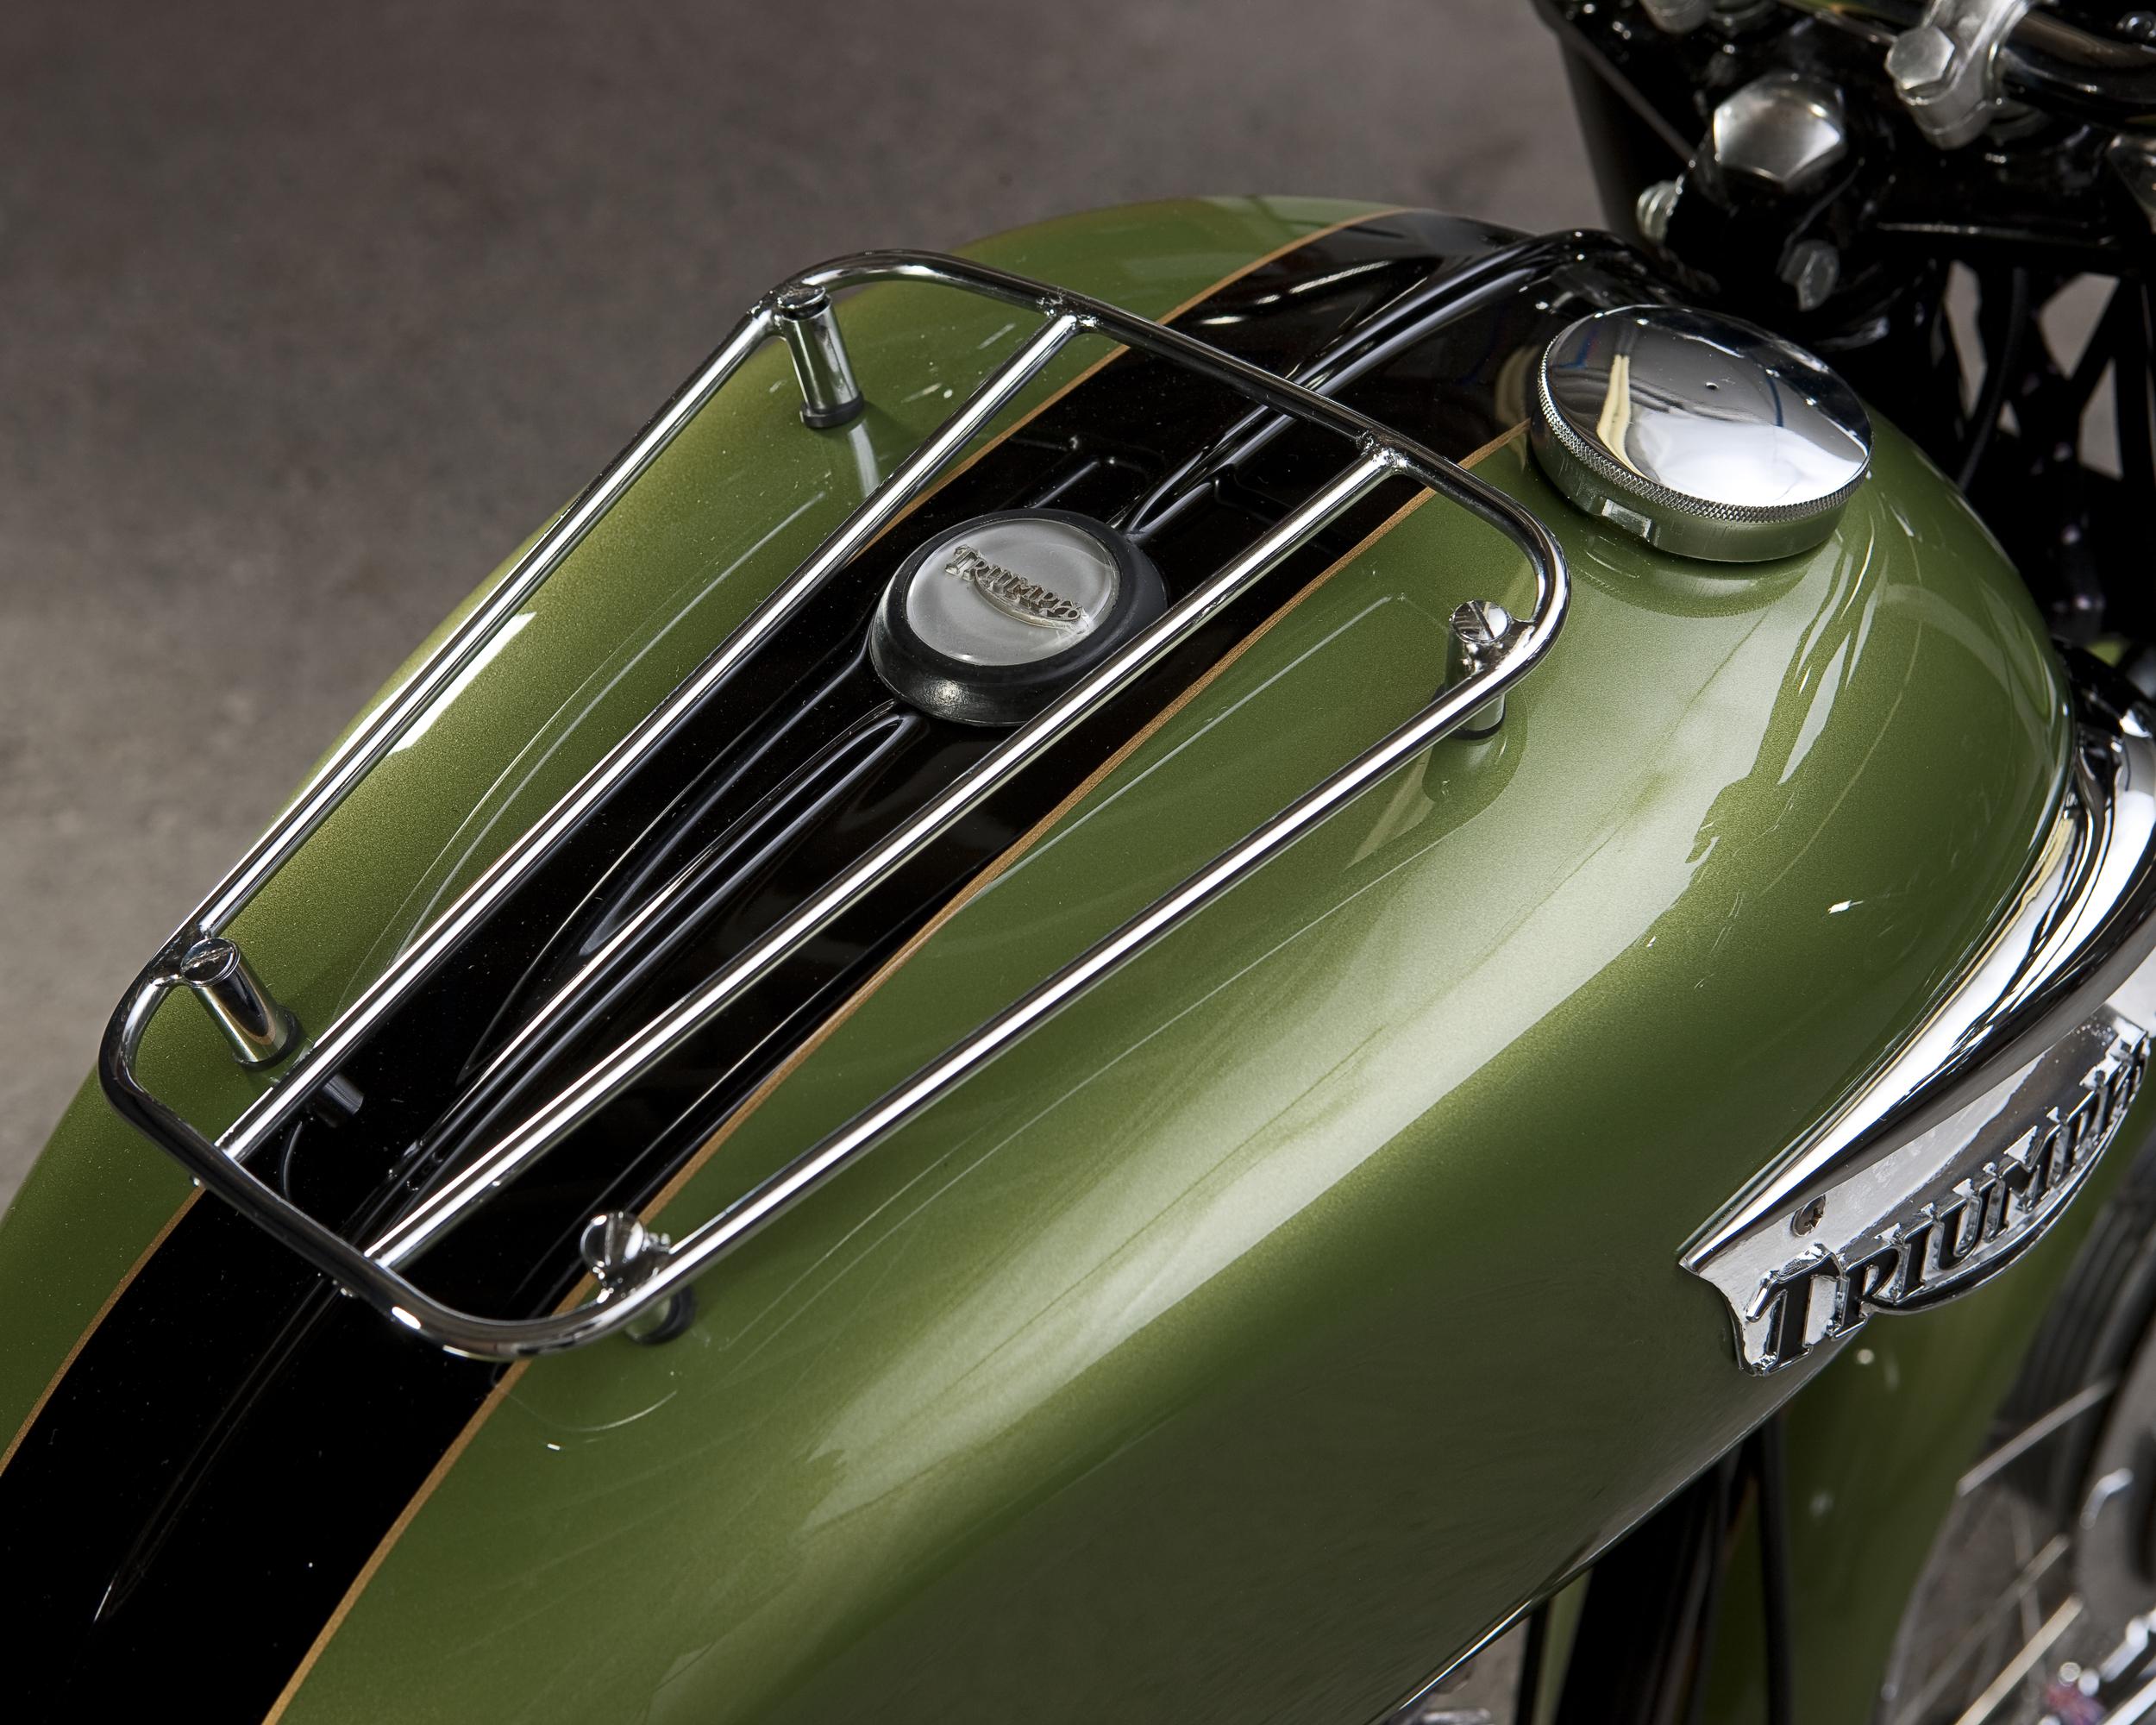 OneMotorcycle__0475.jpg